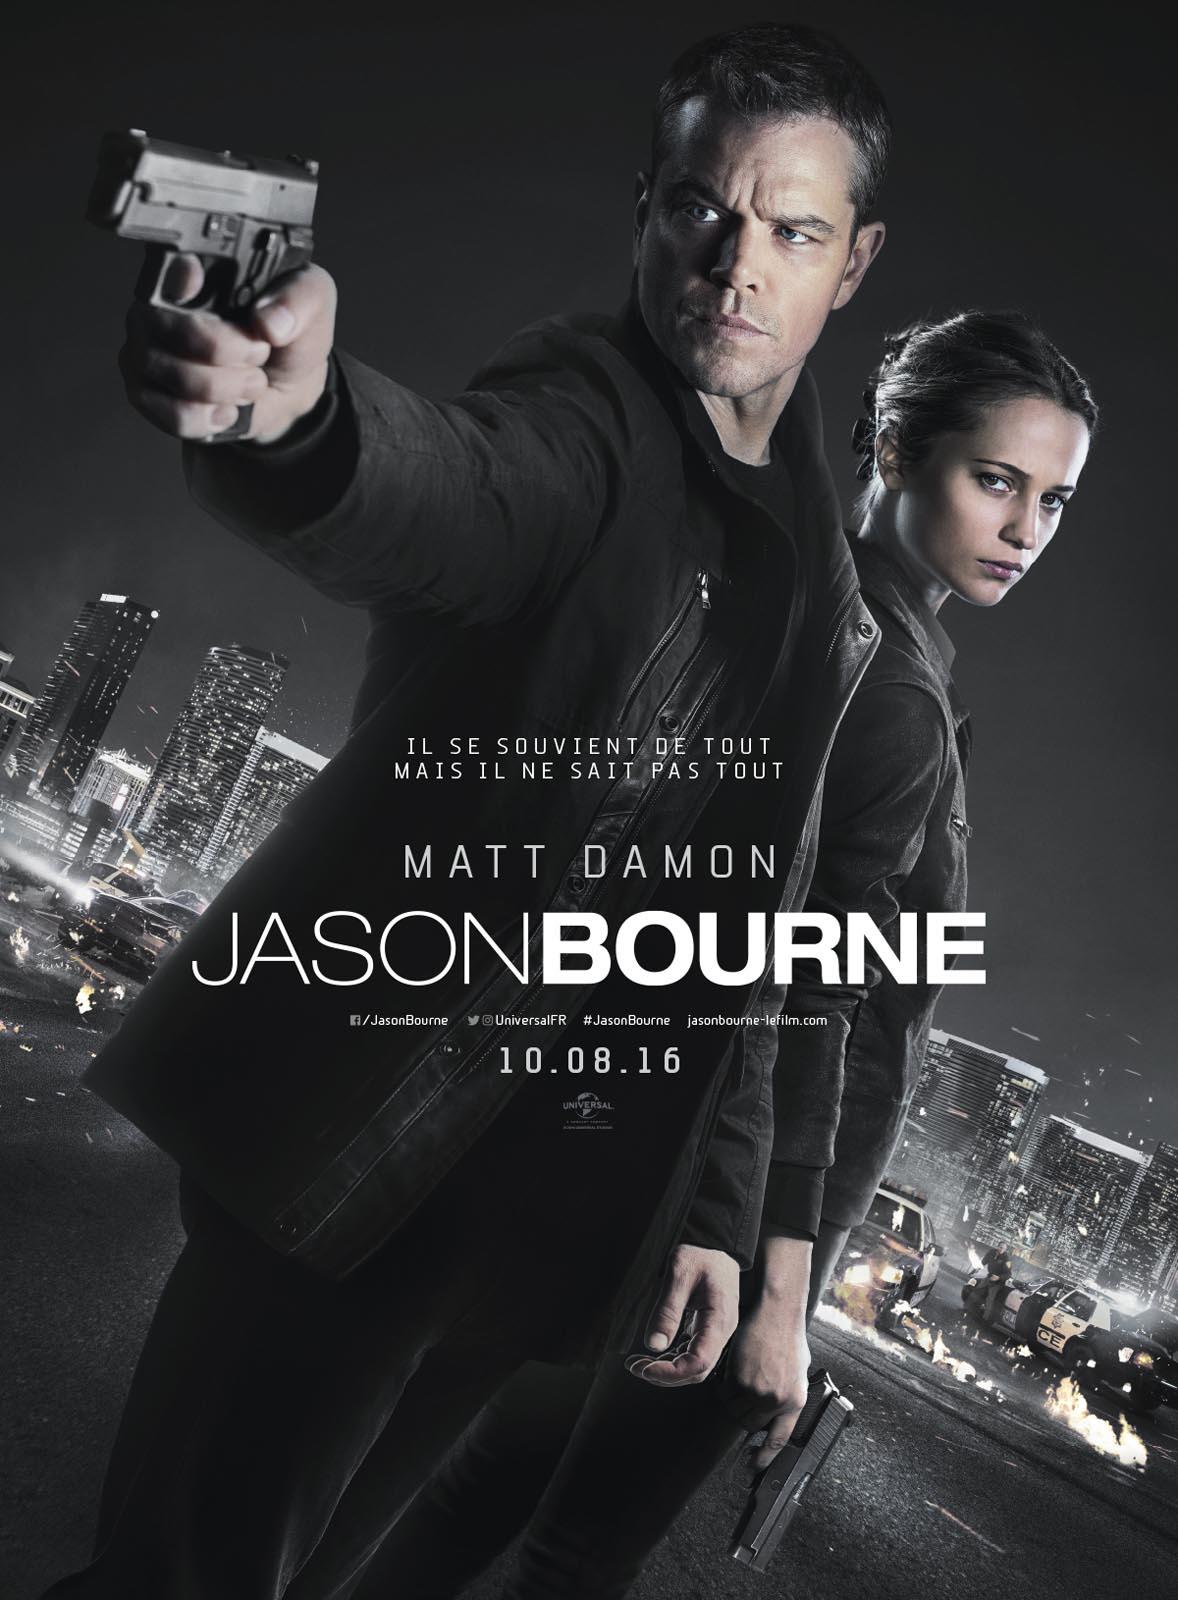 Jason Bourne [DVDRip] [Latino] [1 Link] [MEGA]